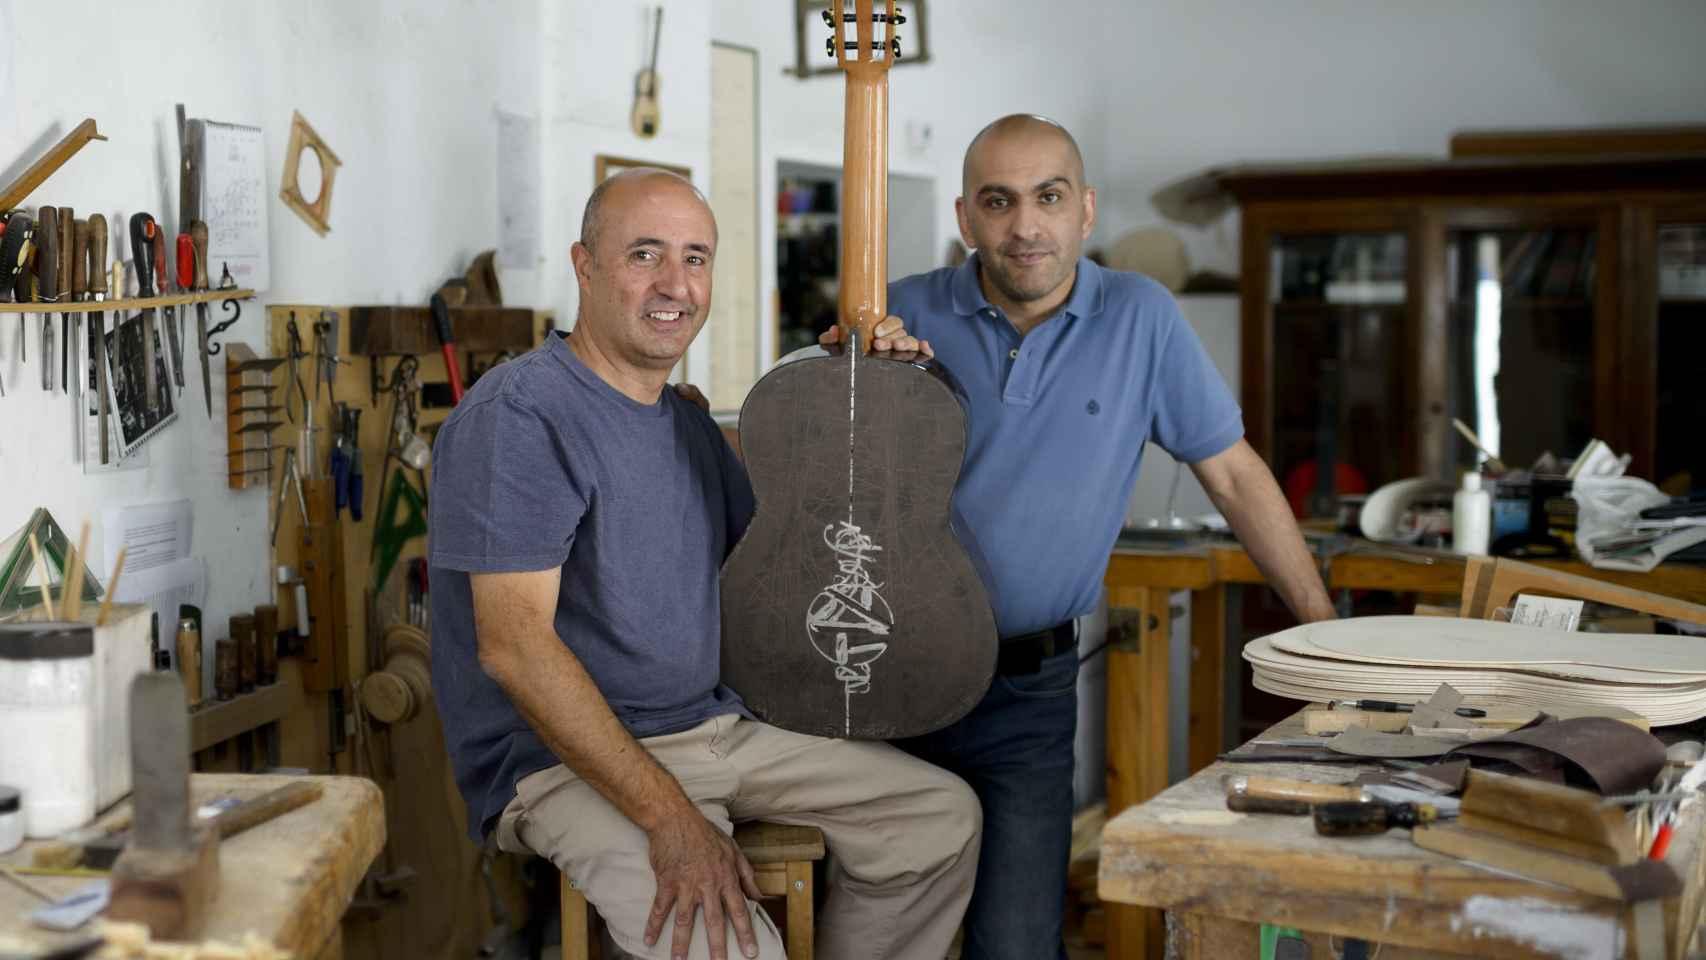 Mariano Conde y el artista Javier Liébana han creado una obra de arte de seis cuerdas.